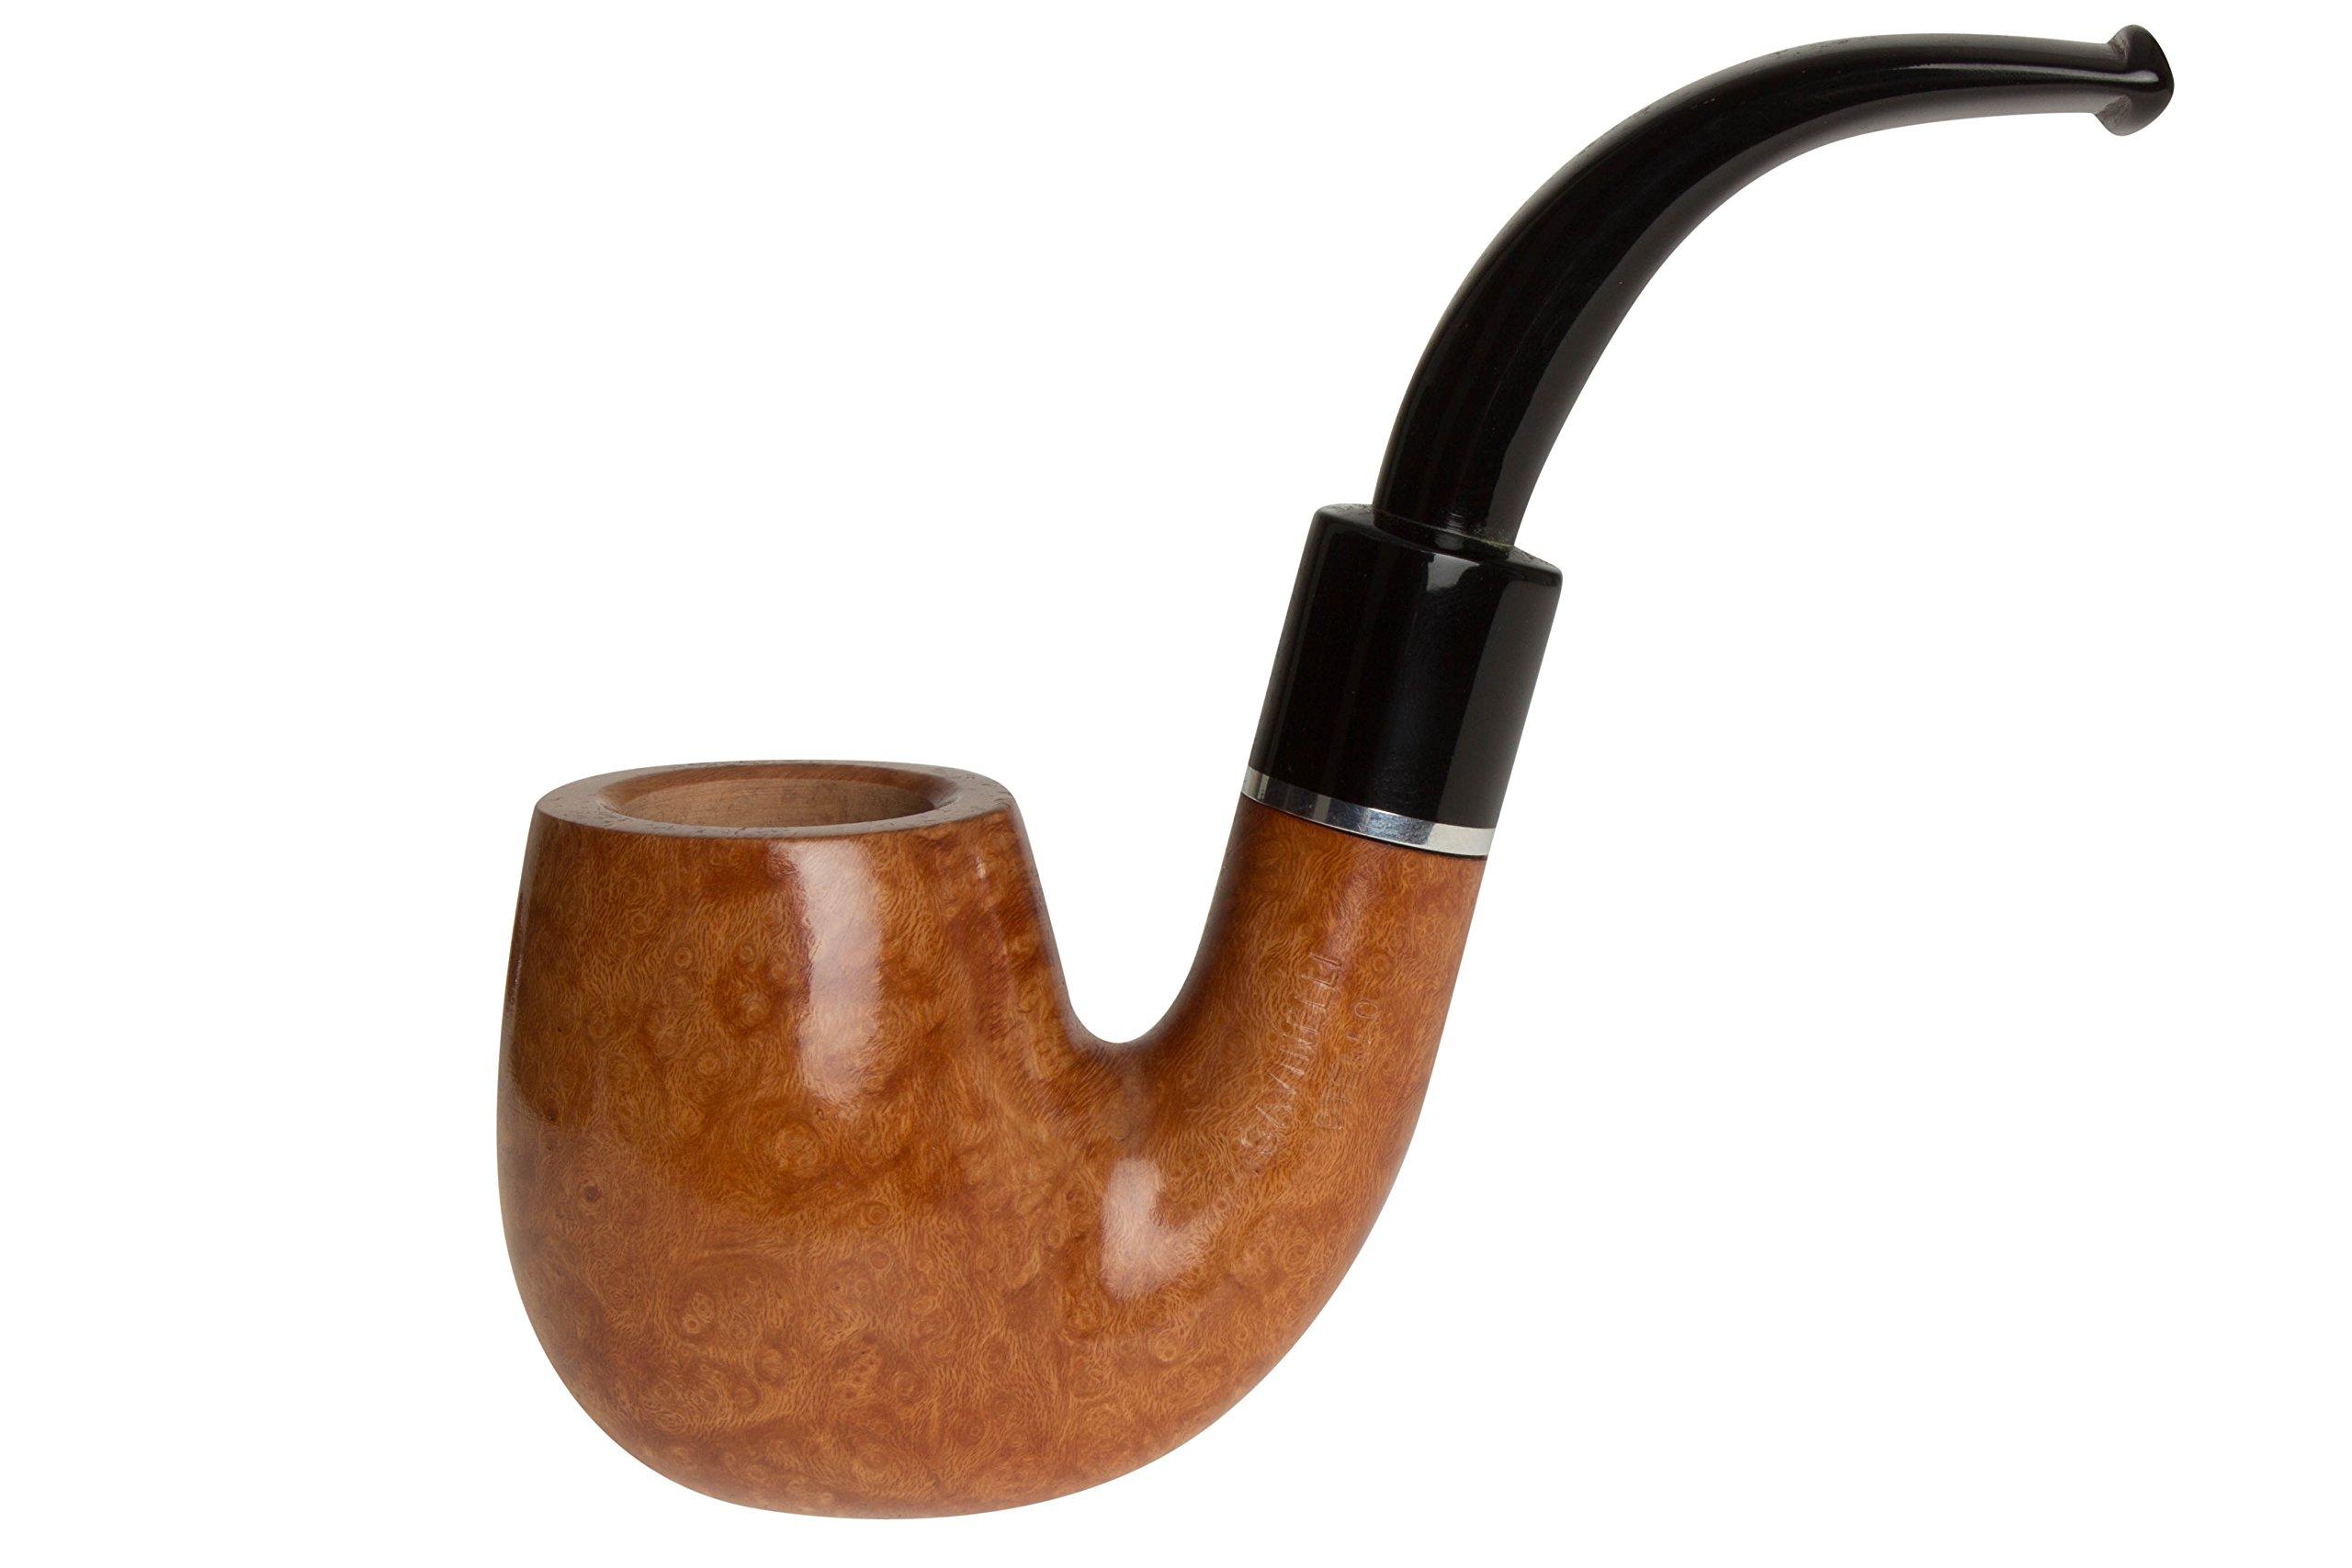 Savinelli Otello 614 Natural Tobacco Pipe - Bent Billiard